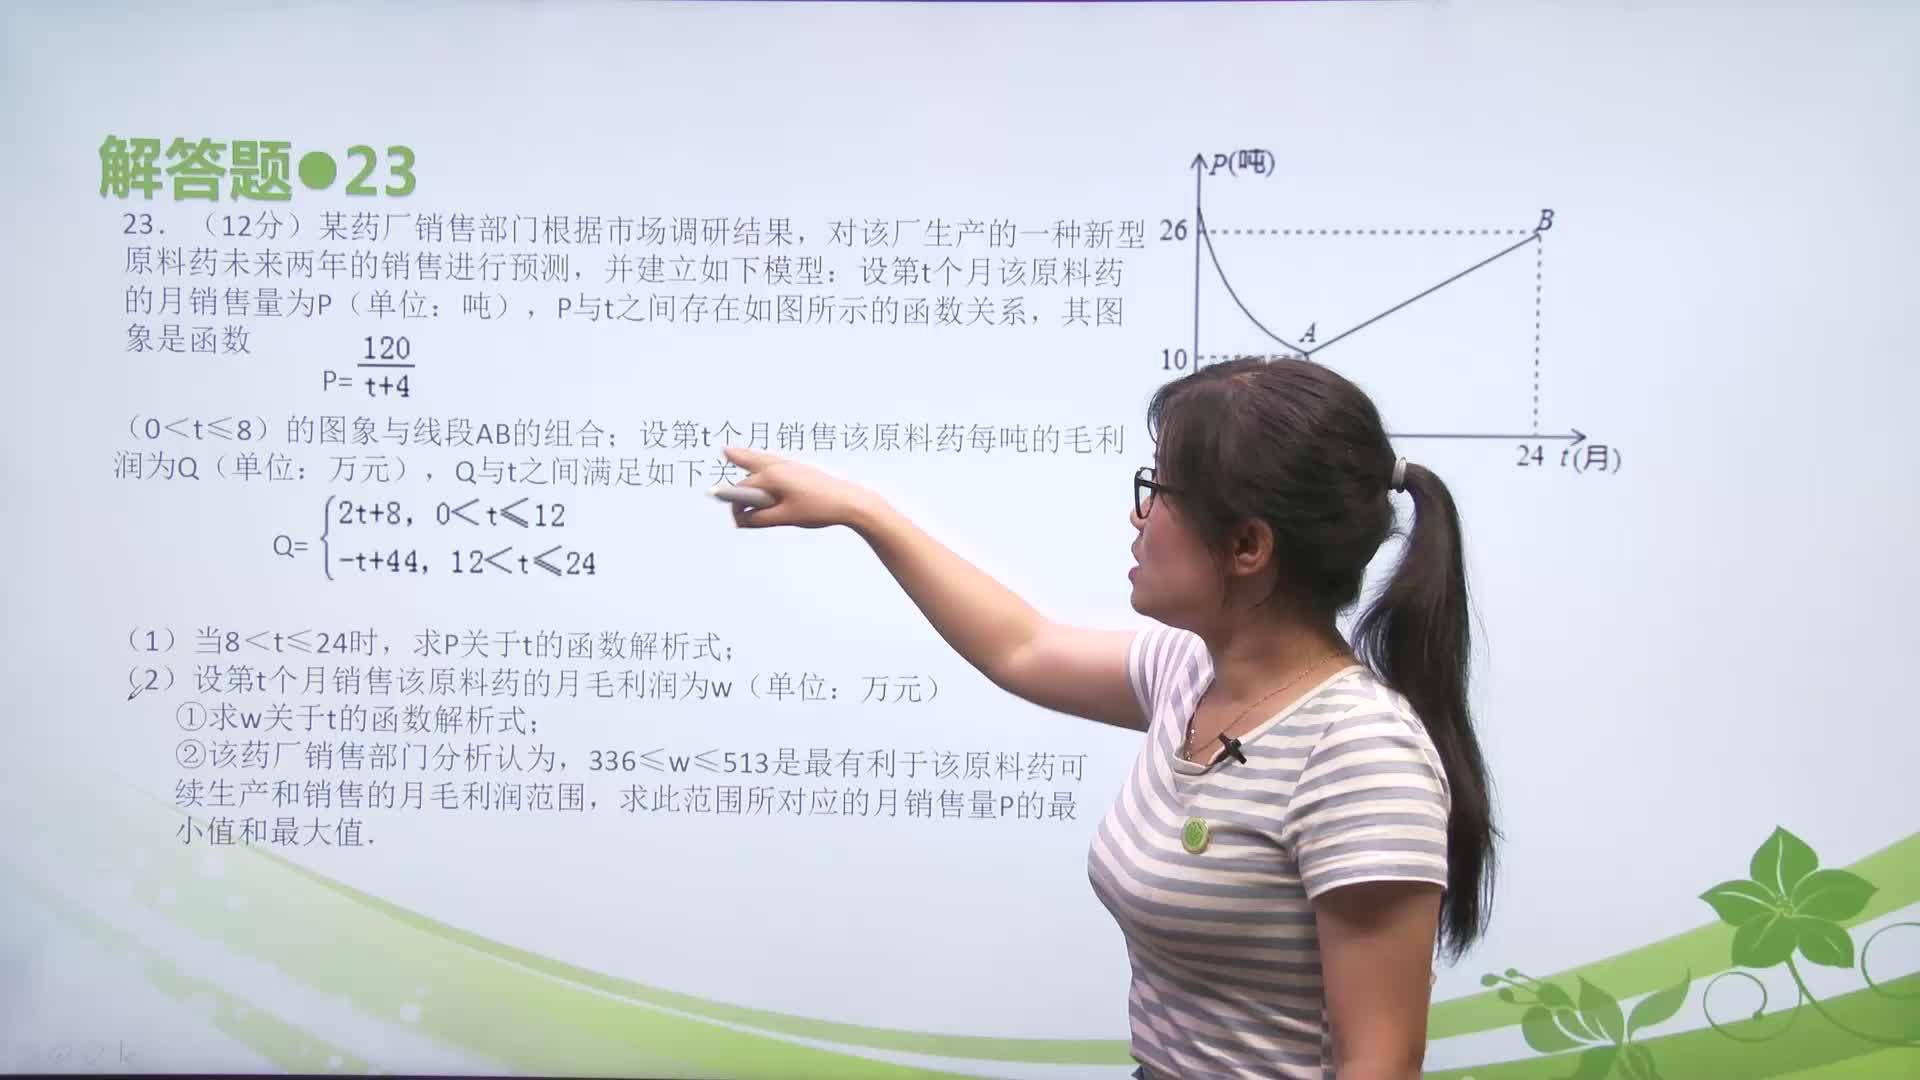 """2018年台州中考数学试卷严格遵循教育部《义务教育数学课程标准》(2011年版)七〜九年级的内容和要求,涉及""""数与代数""""、""""图形与几何""""、""""统计与概率""""、"""" 综合与实践""""四个部分。适用于浙教版数学知识点考察。  主要体现以下特点:  1、重视对数学基础知识、基本技能、基本思想、基本活动经验的考查;  2、适度考查数学应用意识和用数学观点分析、解决问题的能力;  3、试题的情境设计力求背景公平,试题的设问方式力求多样;  4、试题的表述力科学、规范、简洁、无歧义;  韩老师在这里会真切以考生的角度,去阅读题意,提出疑问,在题目中找寻有效题干,一步步分析思路,在推倒出具体步骤。你会在老师的讲解下,会很清醒的知道我该如何一步步去解决看似高大上的中考题。  正在九年级奋斗的你,可以来看看中考卷是怎样考的,该如何来征服它,希望通过老师的视频讲解,在接下来的学习中保持清醒,通过自己的努力考出自己心仪的分数,加油!    [来自e网通客户端]"""